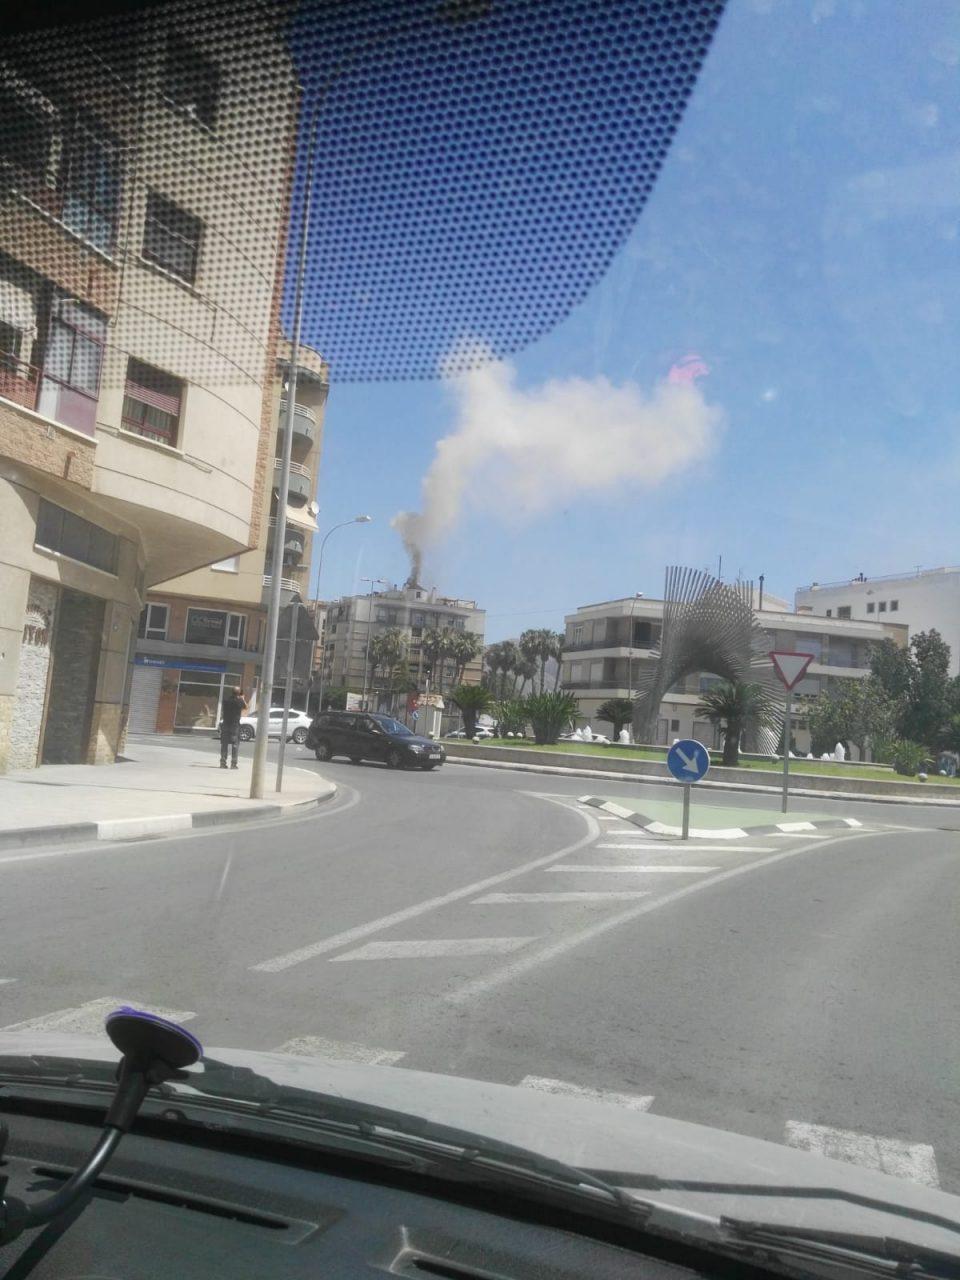 Incendio en un restaurante en la Avenida Príncipe de Asturias en Orihuela 6